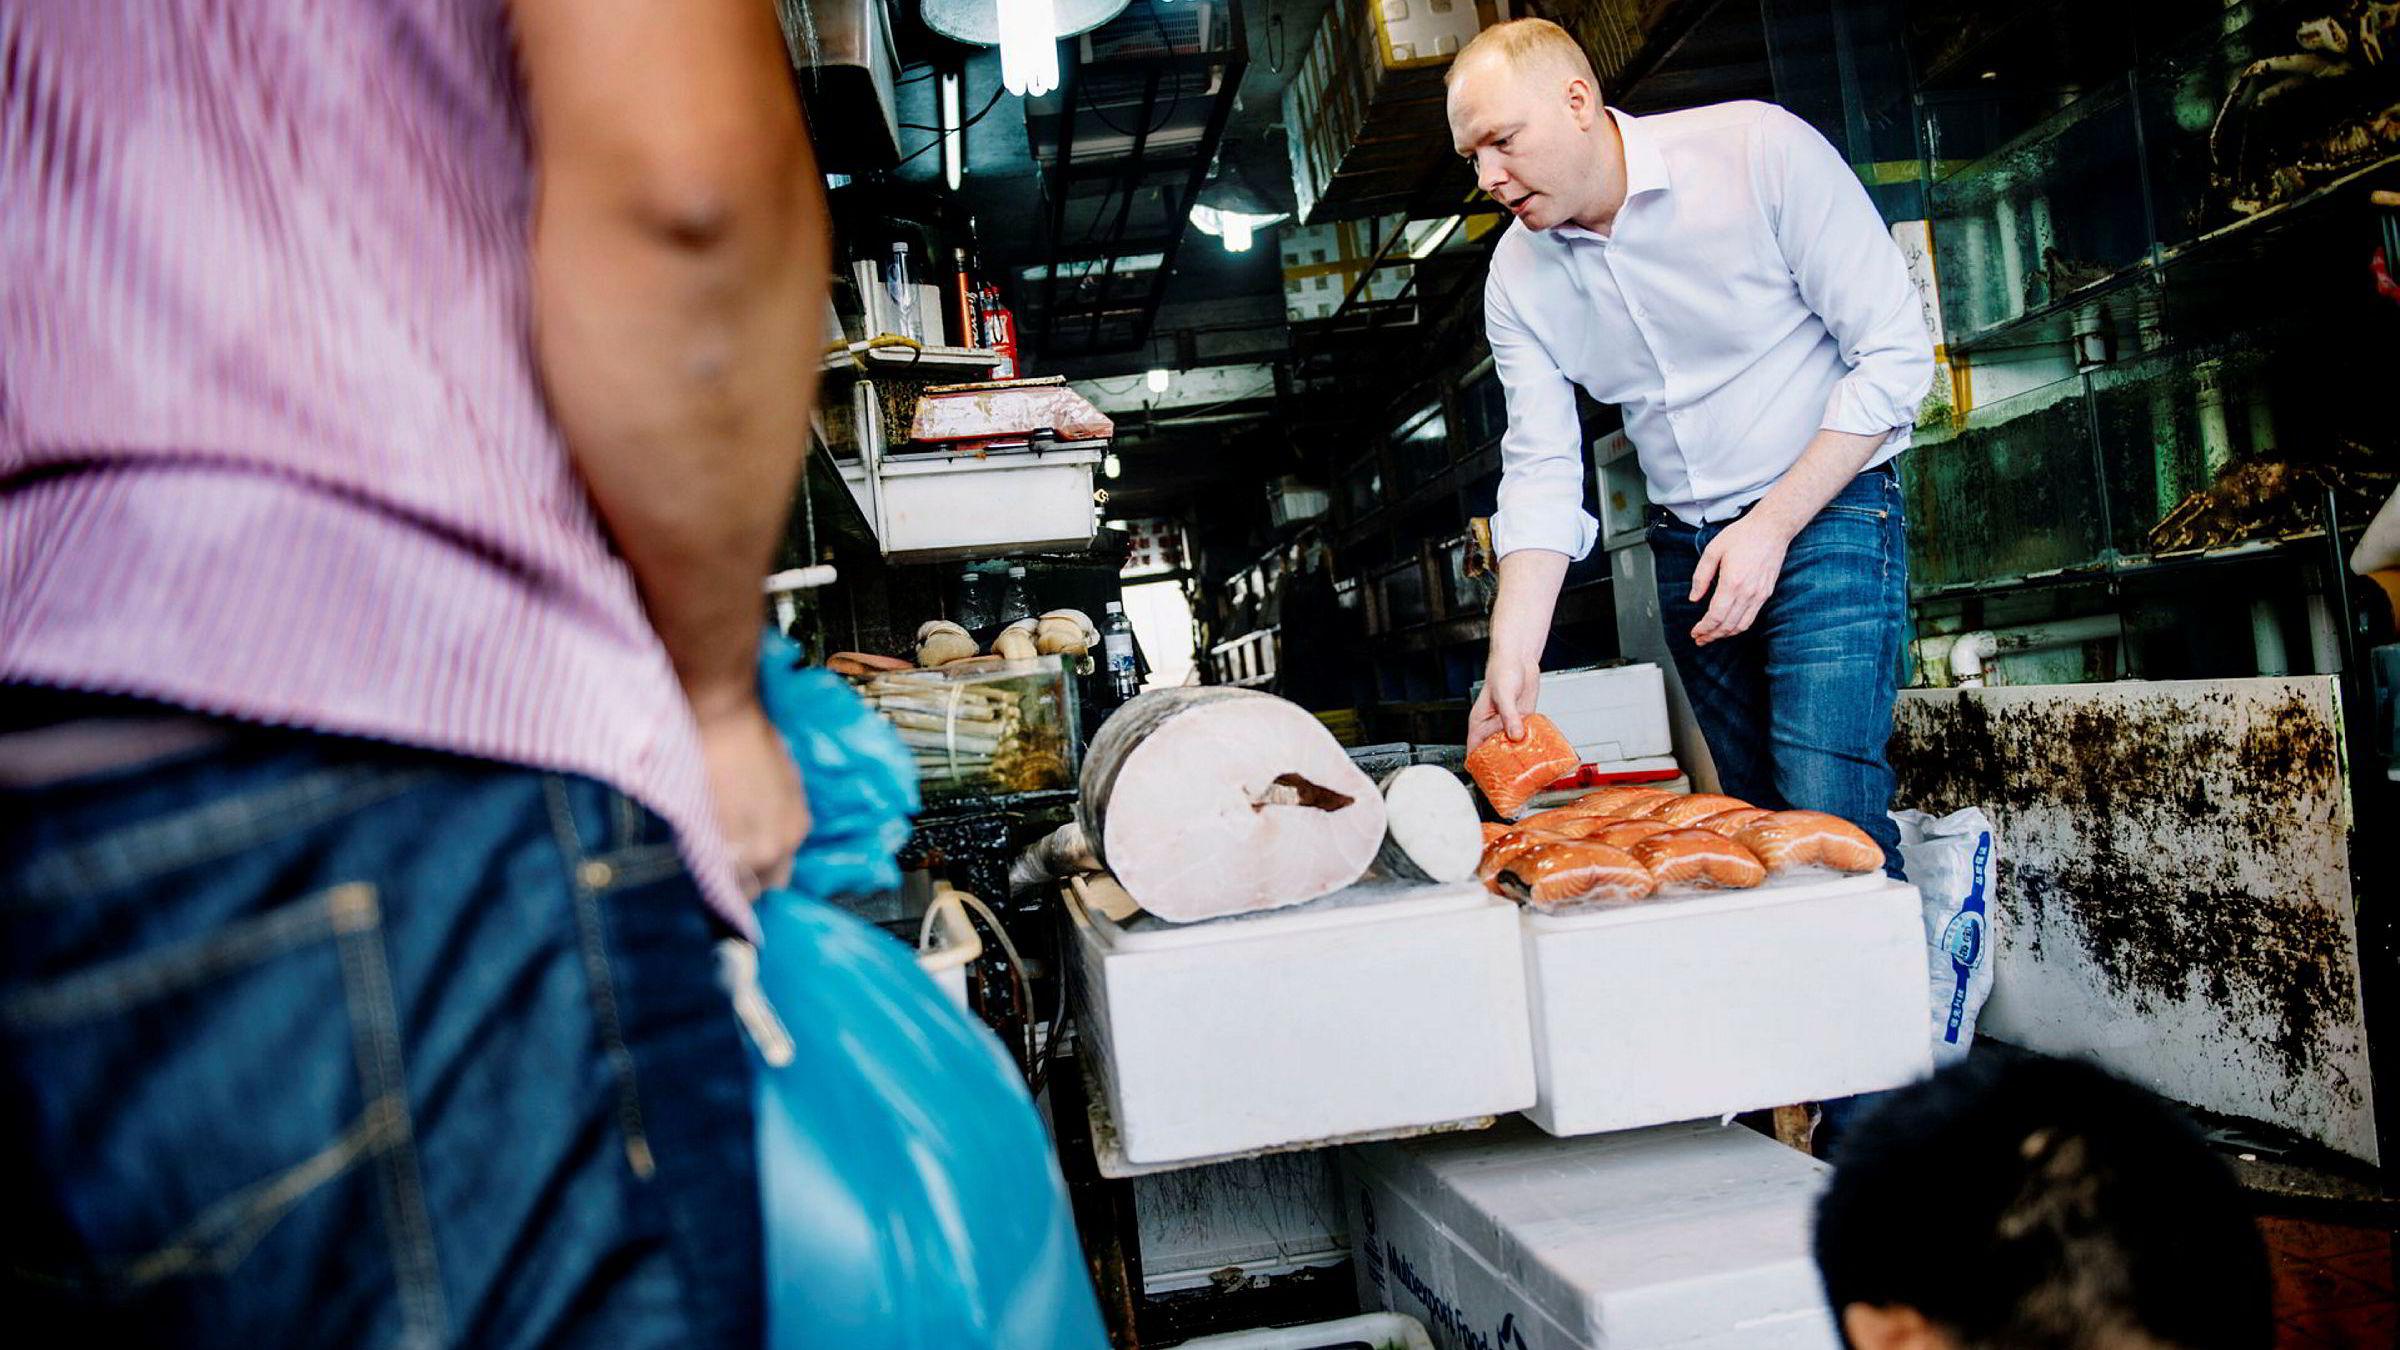 Sigmund Bjørgo fra Norsk sjømatråd er på det lokale fiskemarkedet i Shanghai og ser på laks. Etter flere år med stans av eksport av norsk laks til Kina, øker nå eksporten kraftig.